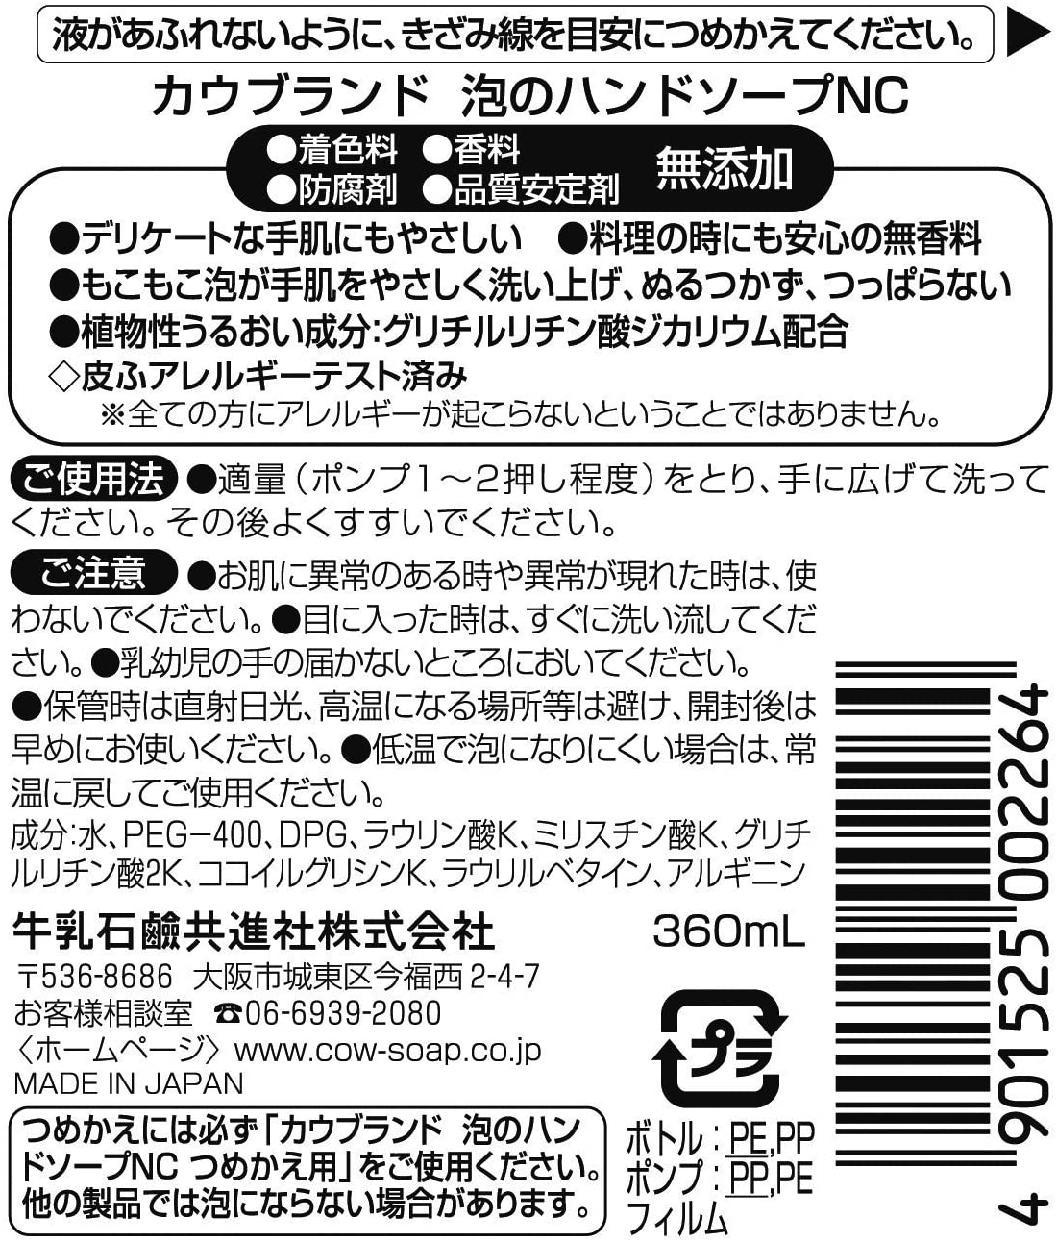 カウブランド 無添加泡のハンドソープの商品画像3